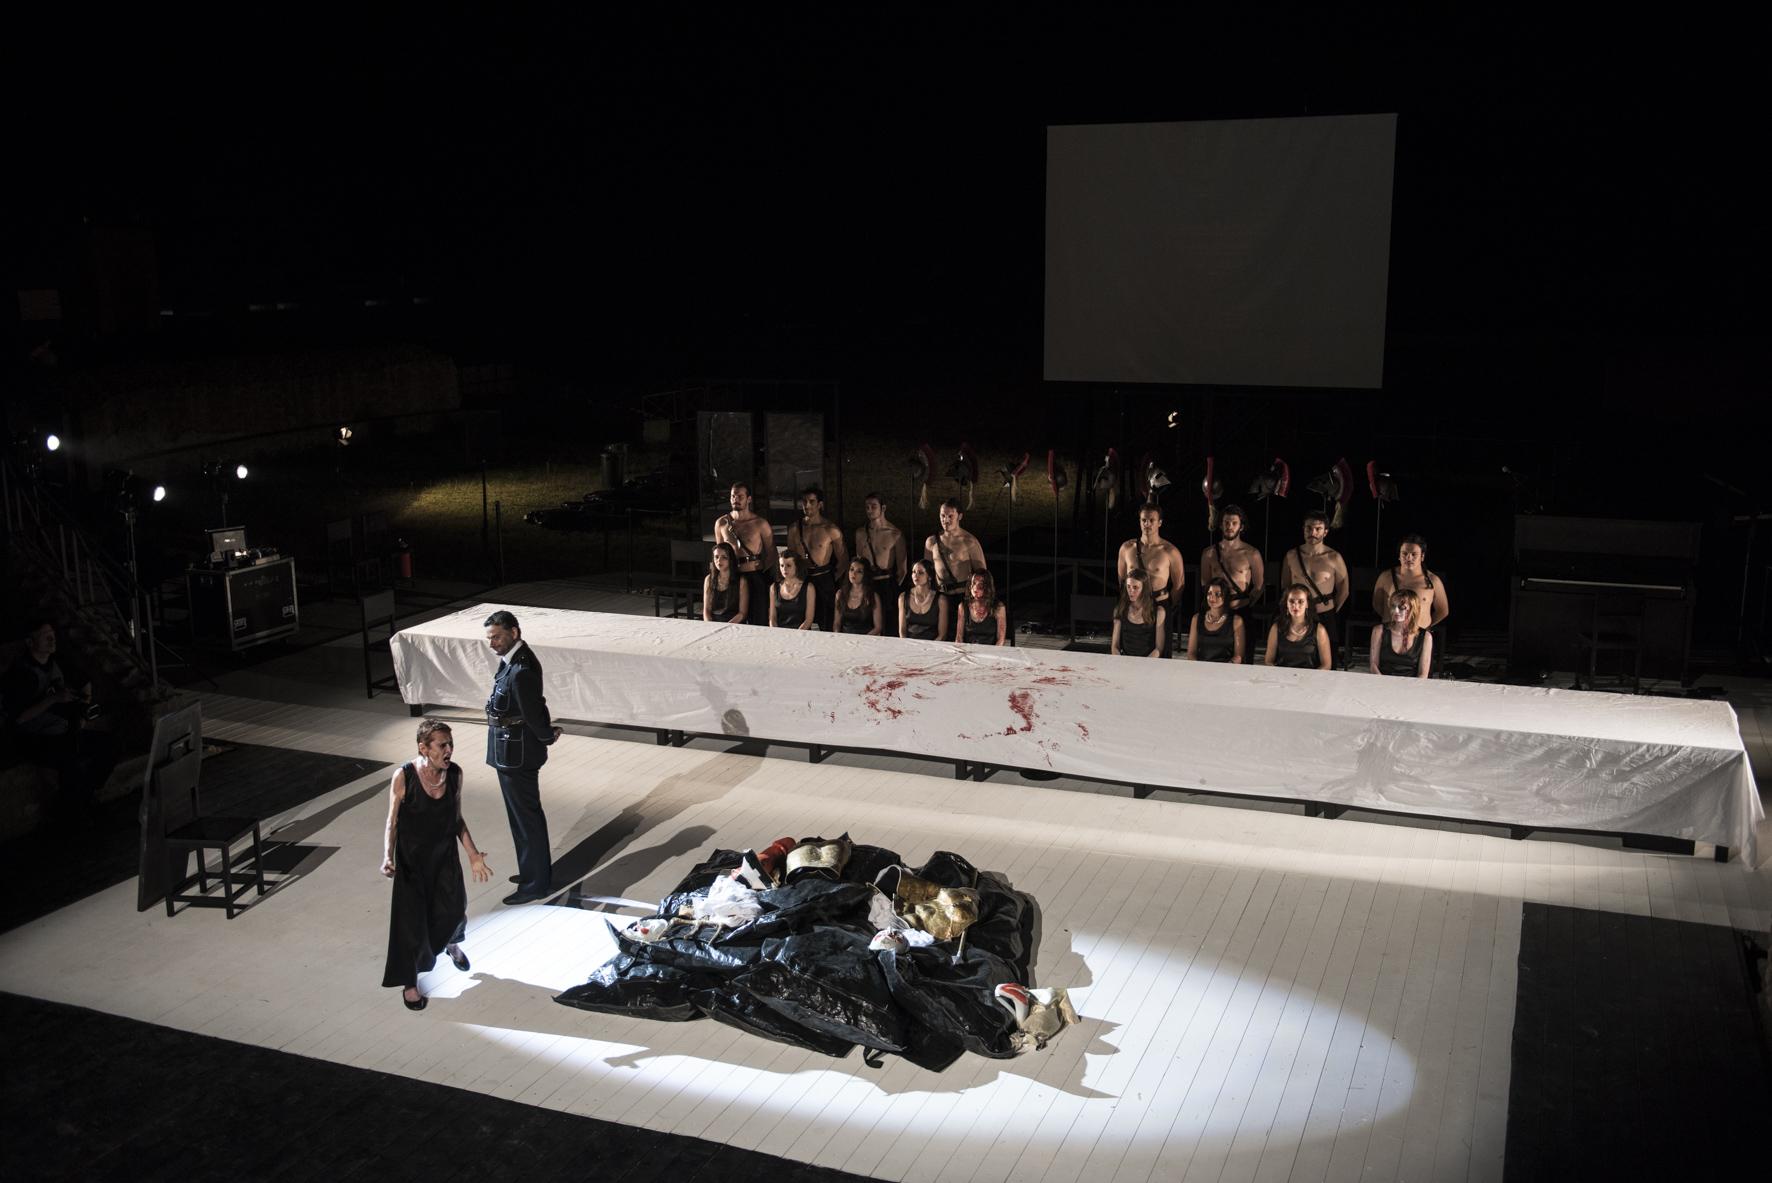 Una scena di Le Troiane regia di Valery Fokin e Nicolay Roschin